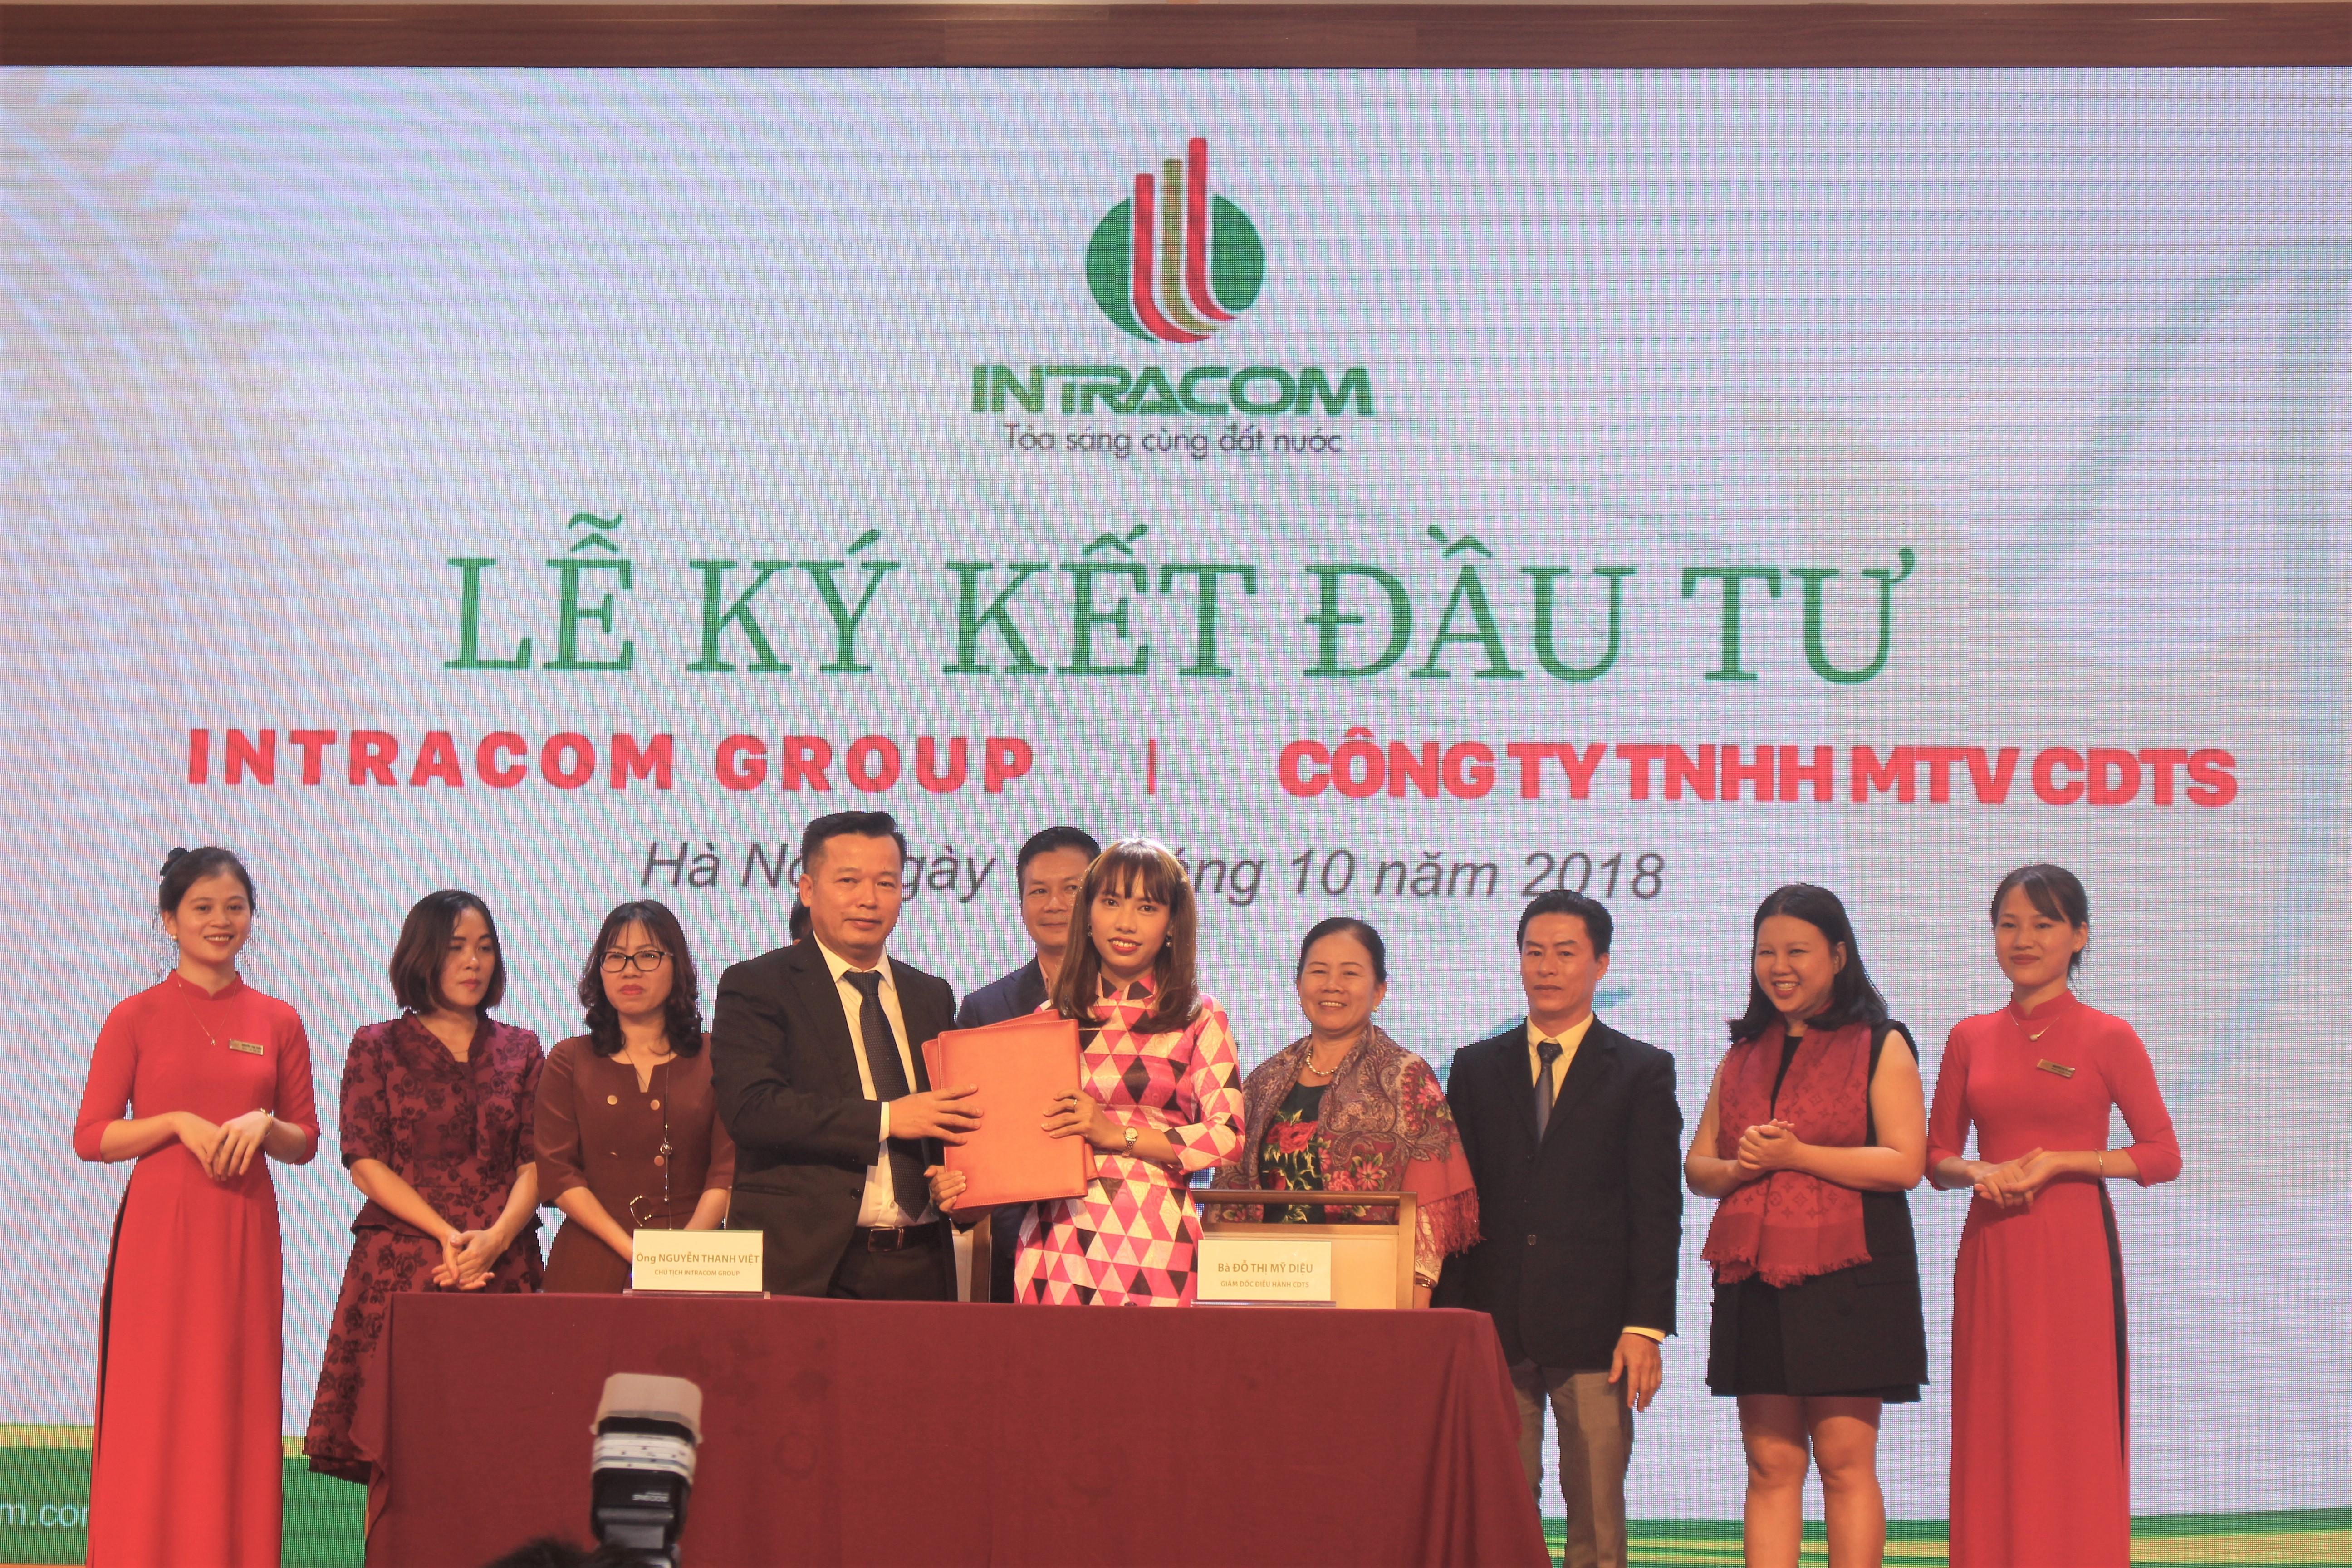 Shark Nguyễn Thanh Việt: Quyết định đầu tư vì phụ nữ khóc trước mặt nên cảm động